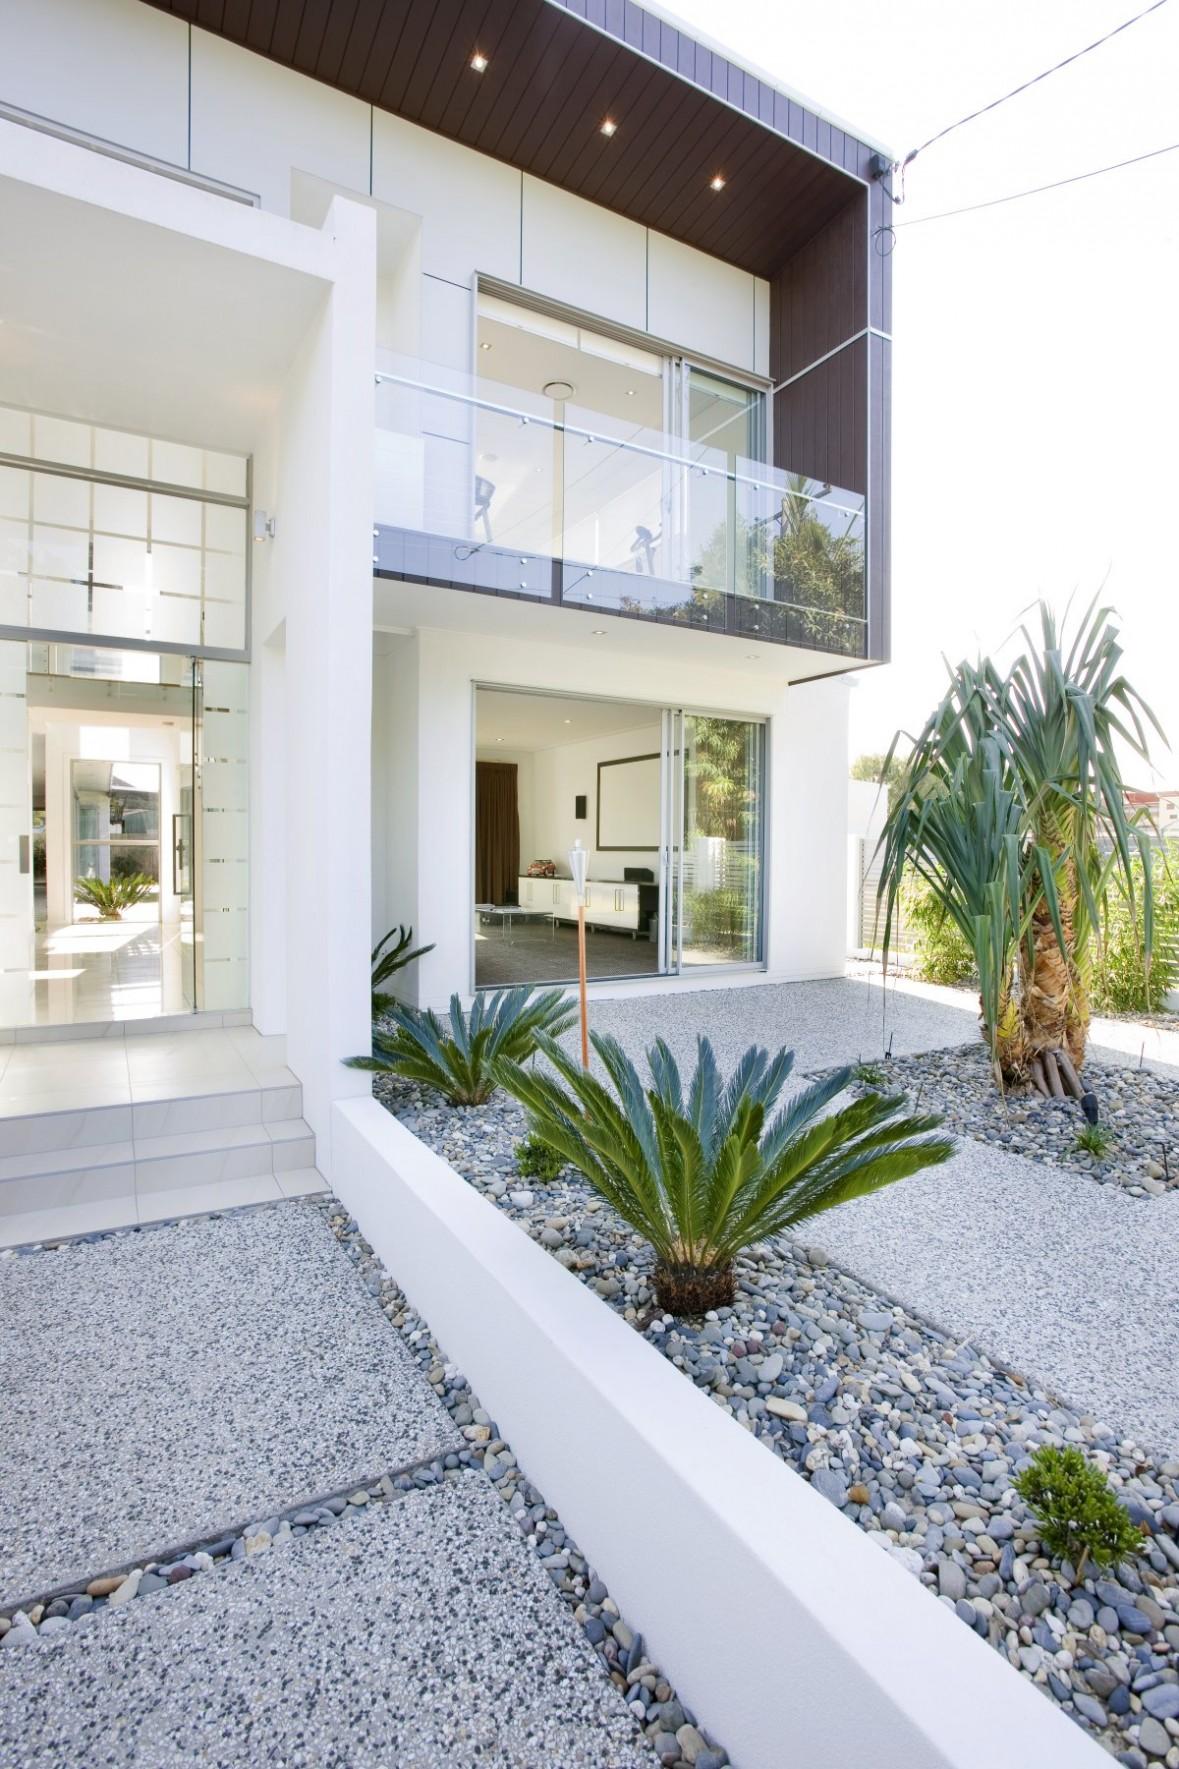 Jardines modernos minimalistas con piedras - Decoracion de exteriores jardines ...